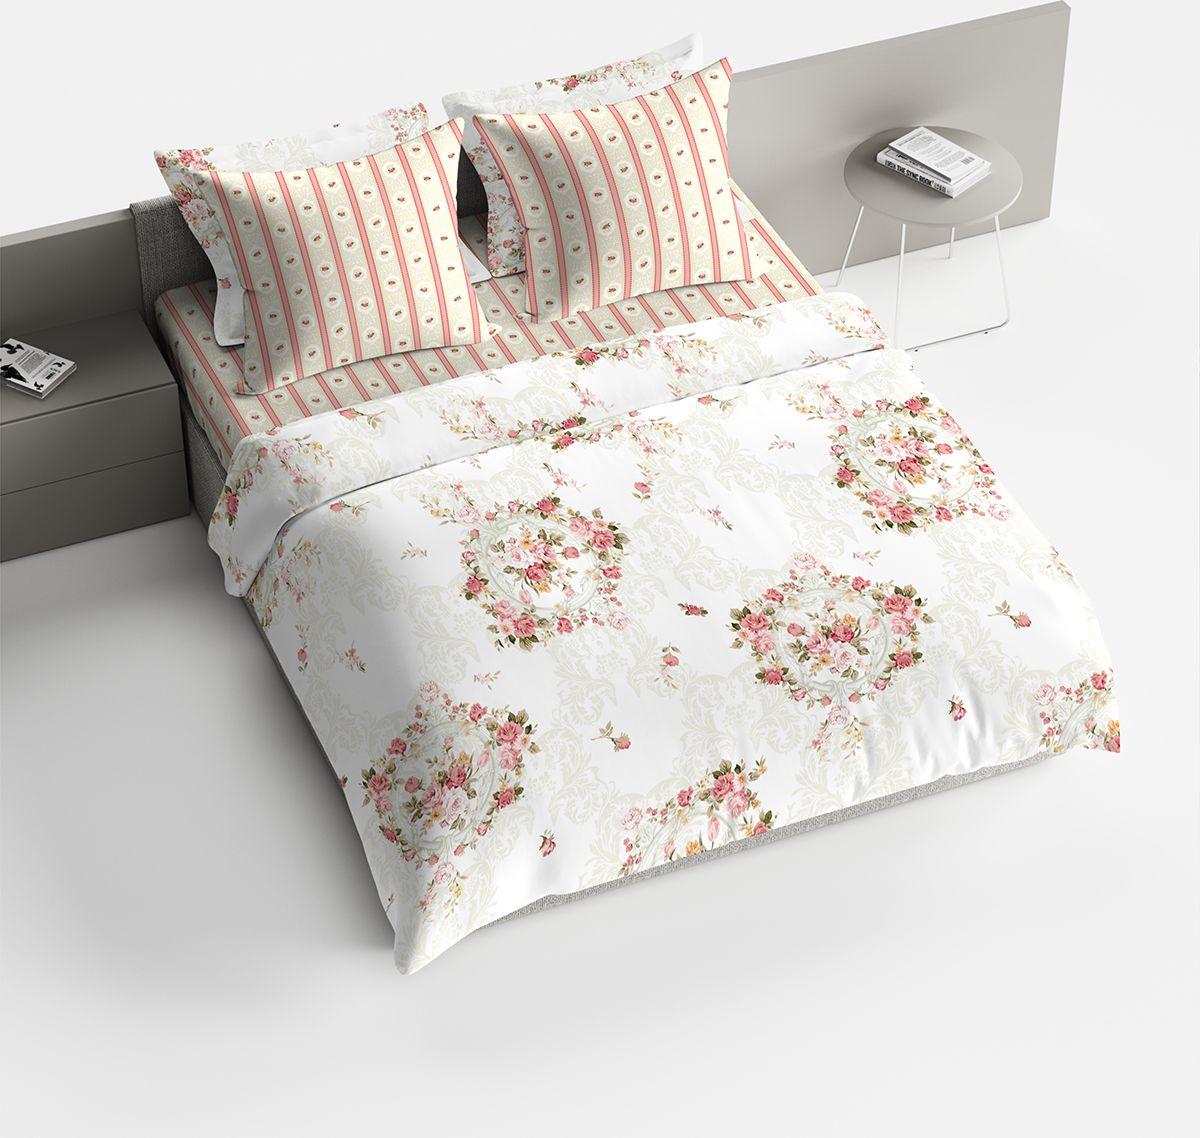 Фото - Комплект белья Bravo Пробуждение, 2-спальный, наволочки 70x70, цвет: персиковый. 1842-1 постельное белье этель кружева комплект 2 спальный поплин 2670978